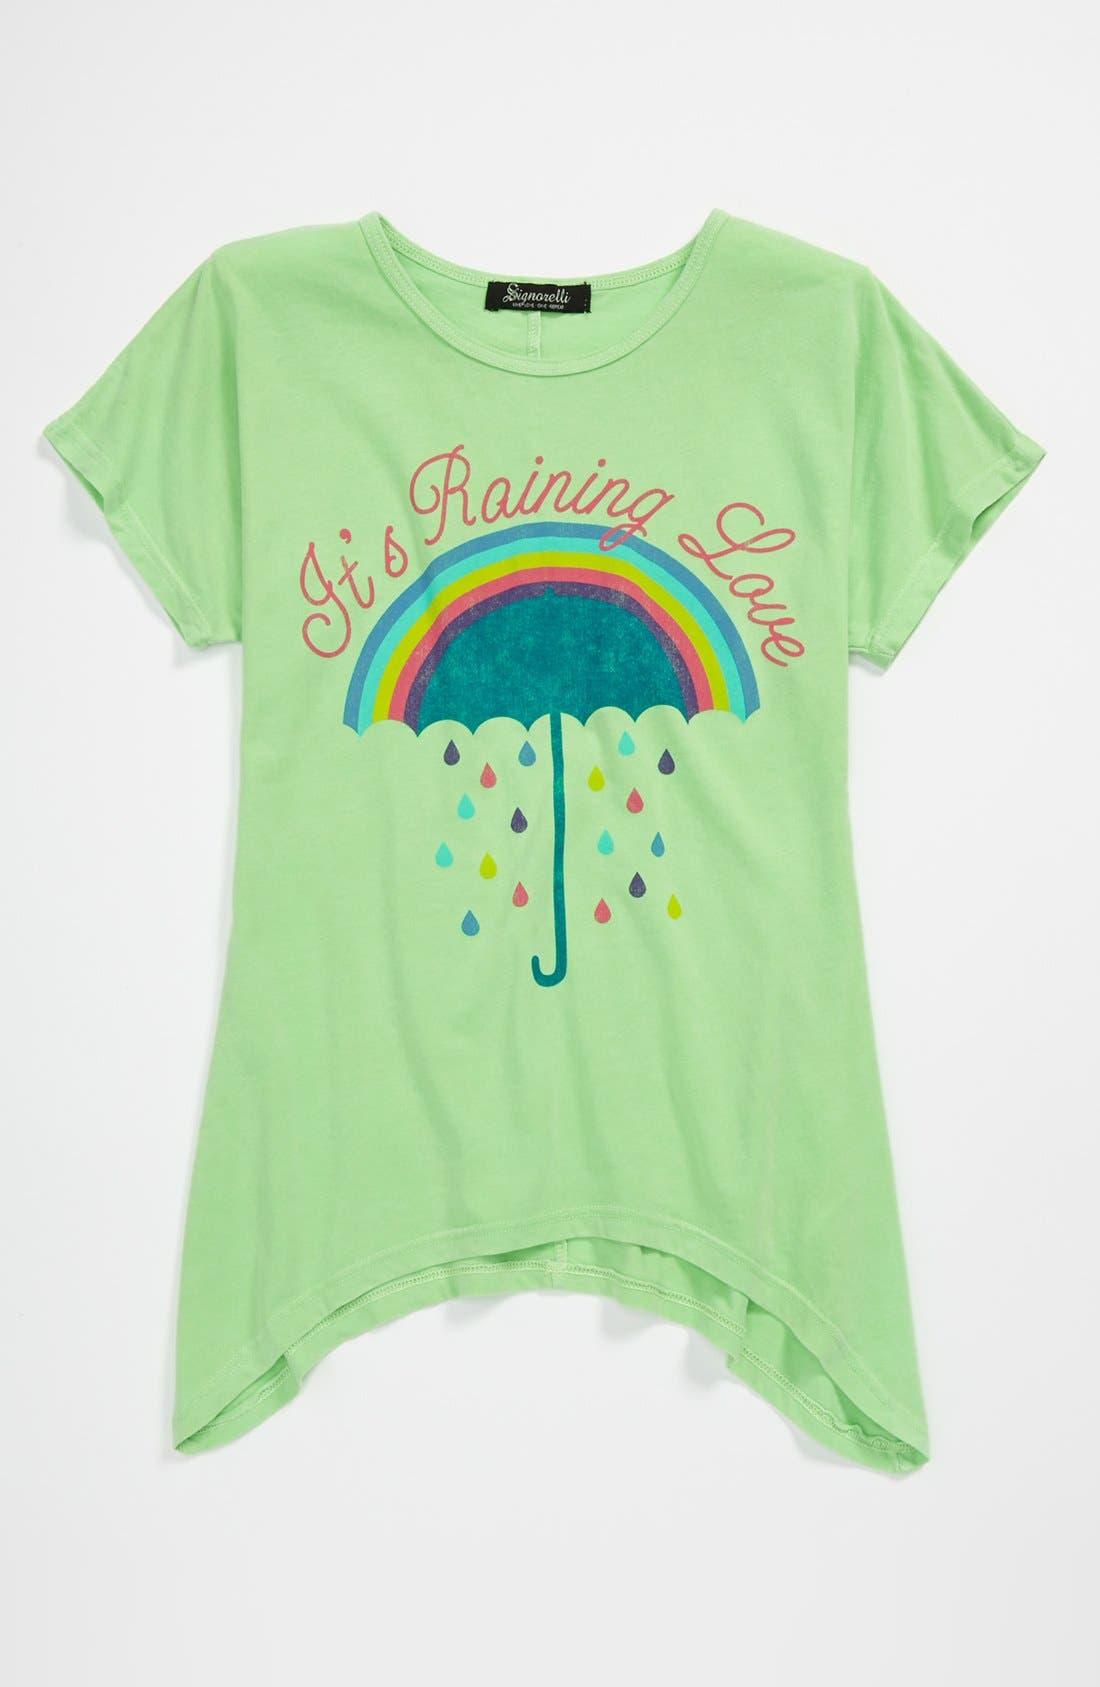 Main Image - Signorelli Rainbow Graphic Tee (Big Girls)